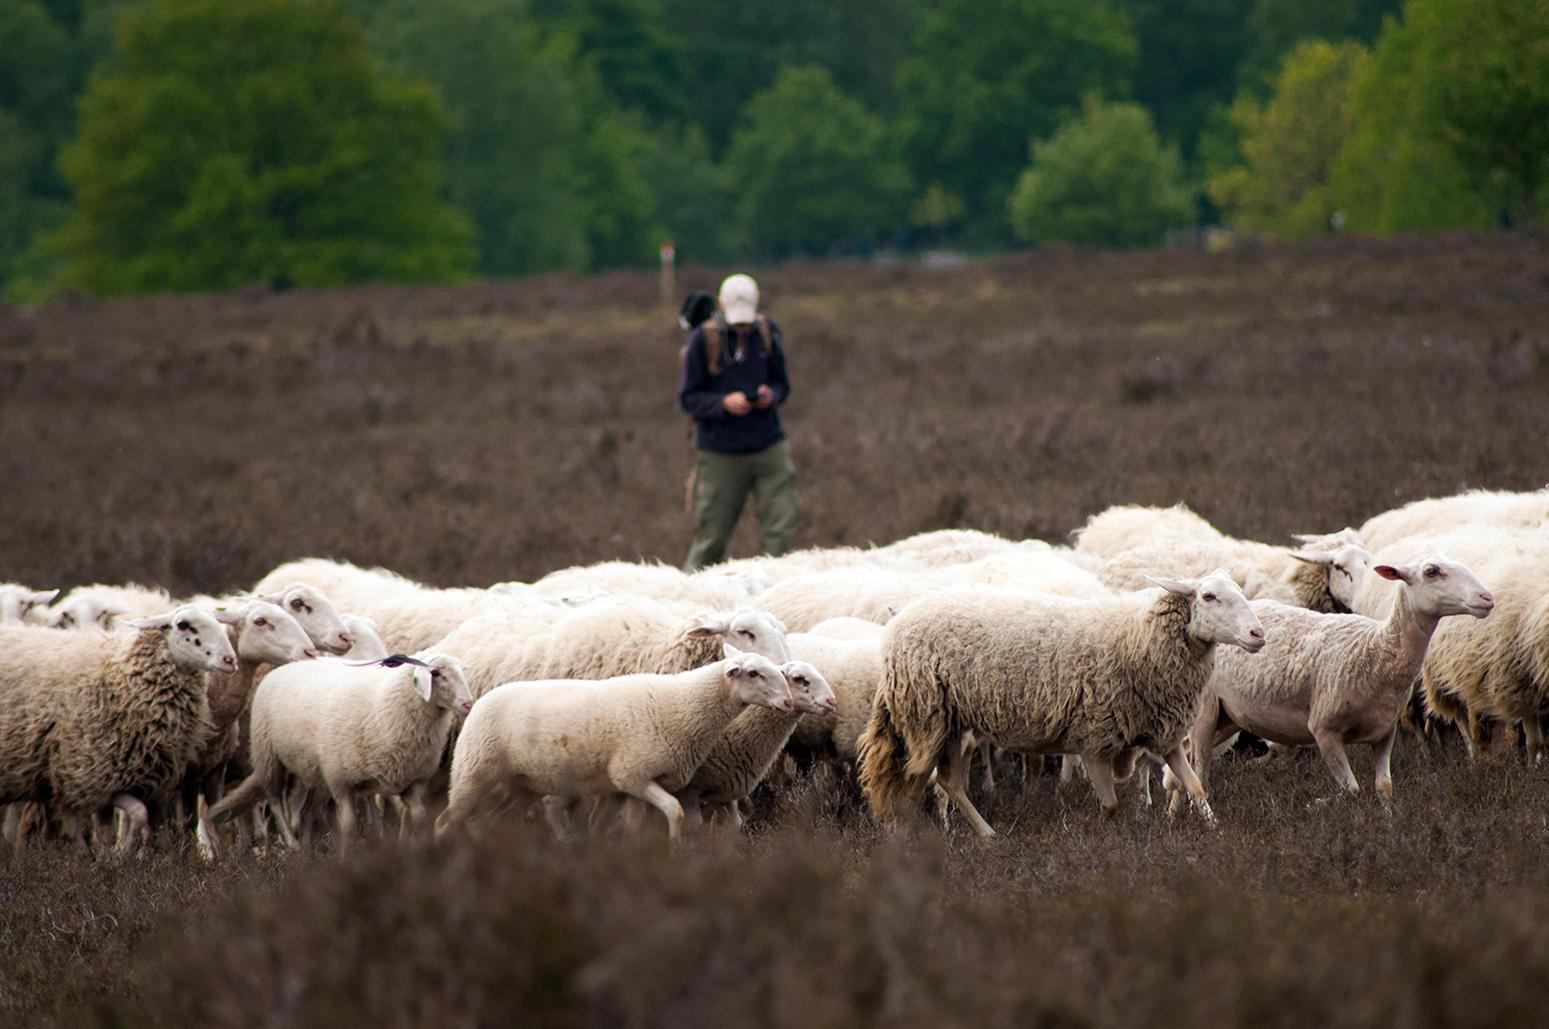 De herder komt met zijn kudde in onze richting - Foto: ©Anja Arentzen